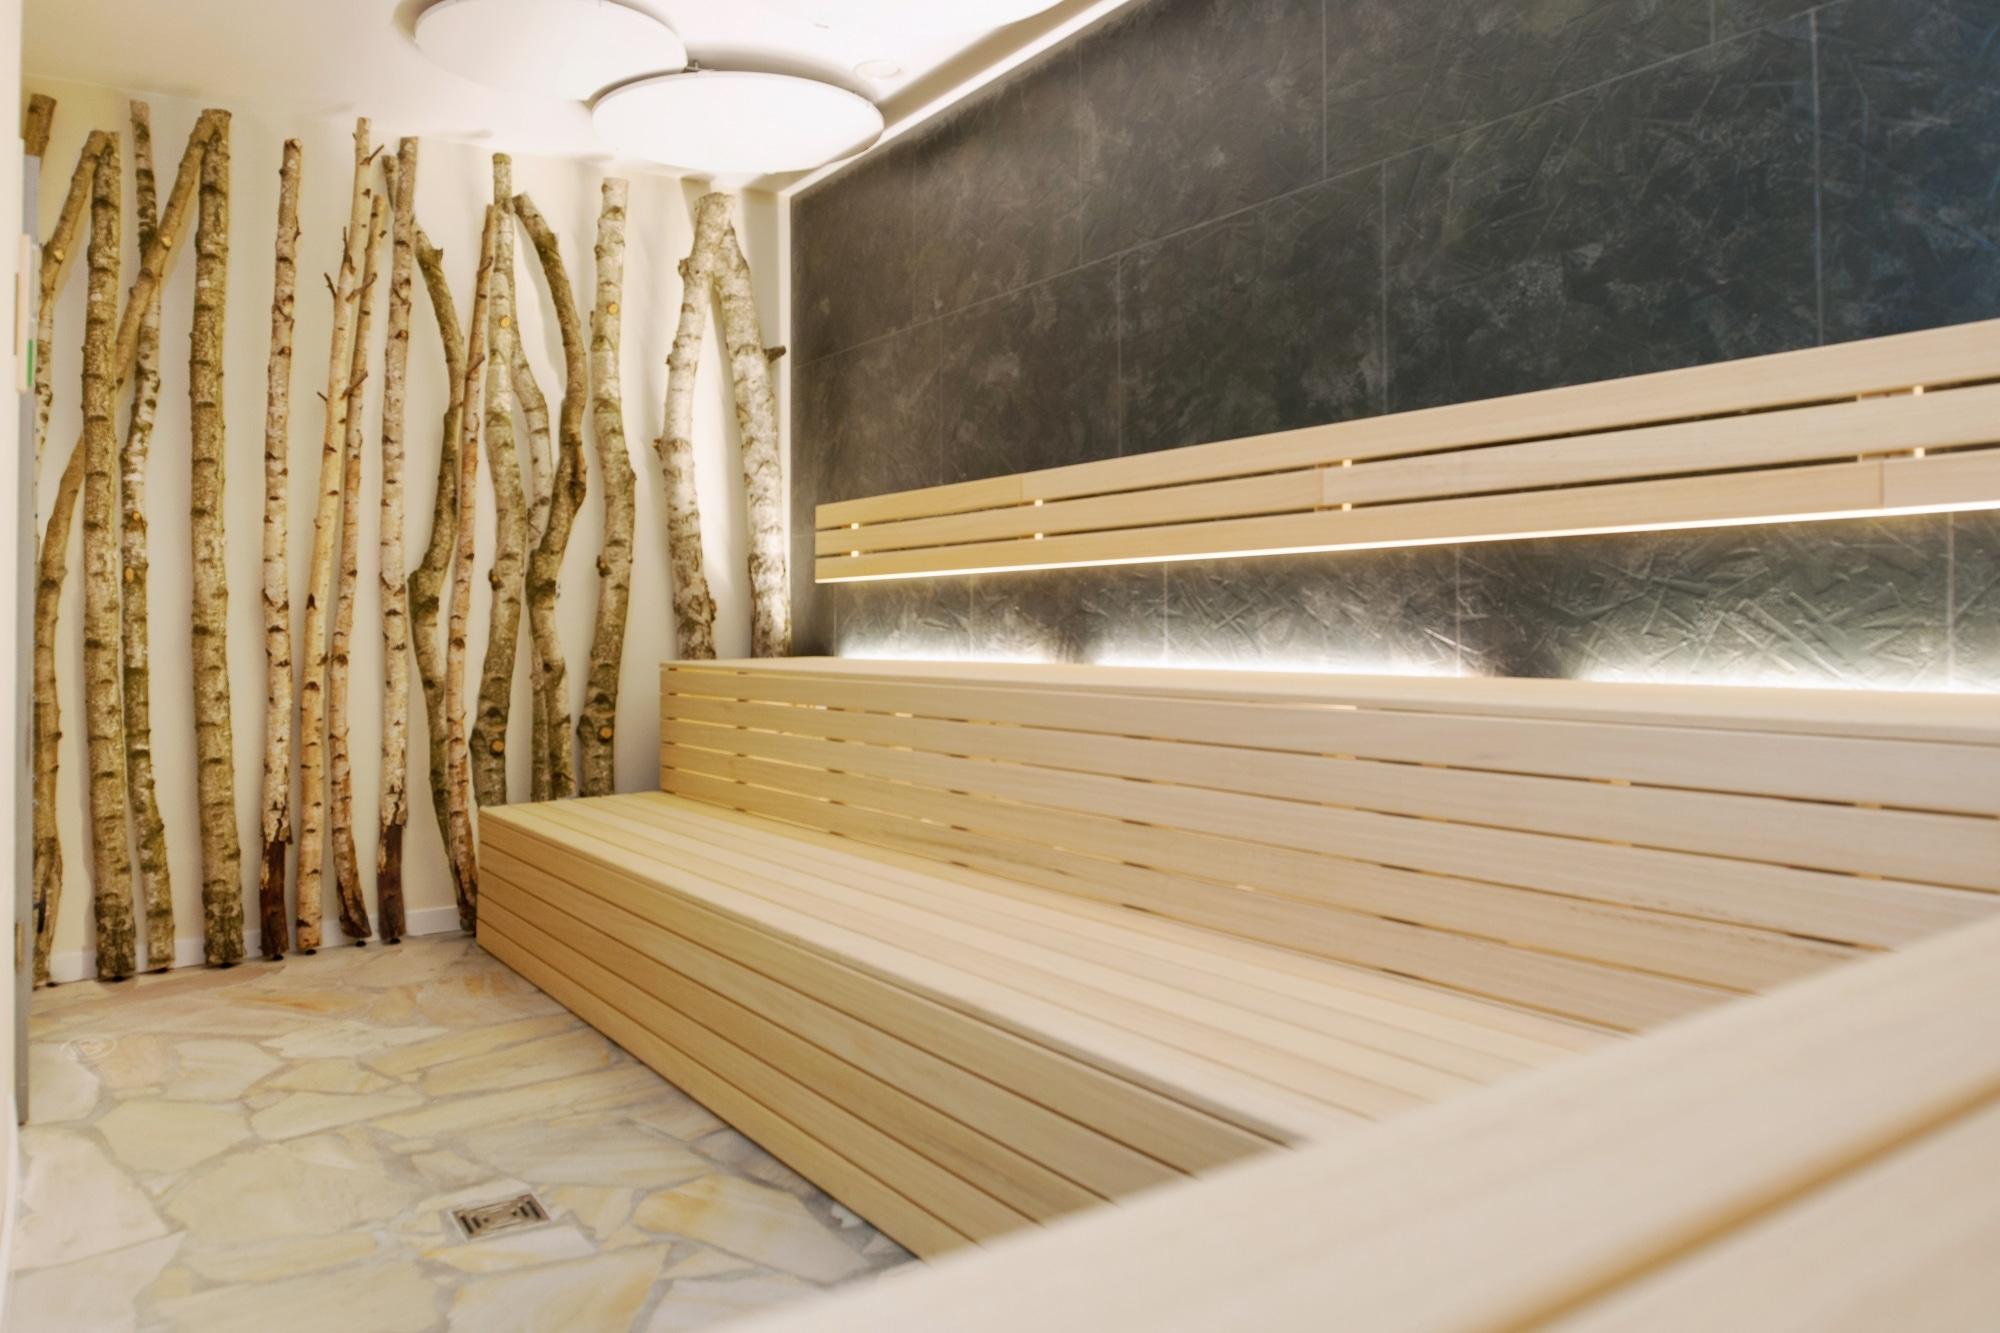 Deckenmontage von weißen Round-Heizungen in einer Yoga-Sauna